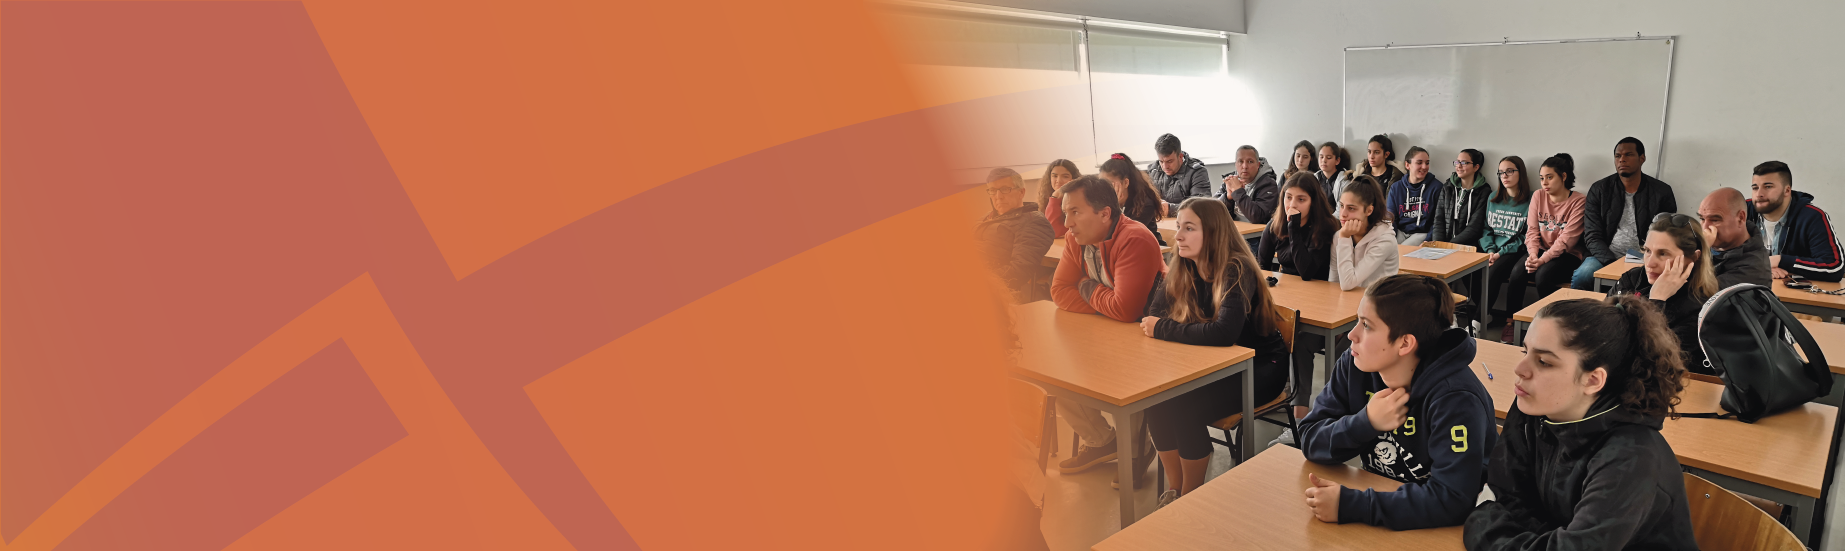 1ª Sessão do Centro Regional de Formação e Treino da Associação de Andebol de Viseu